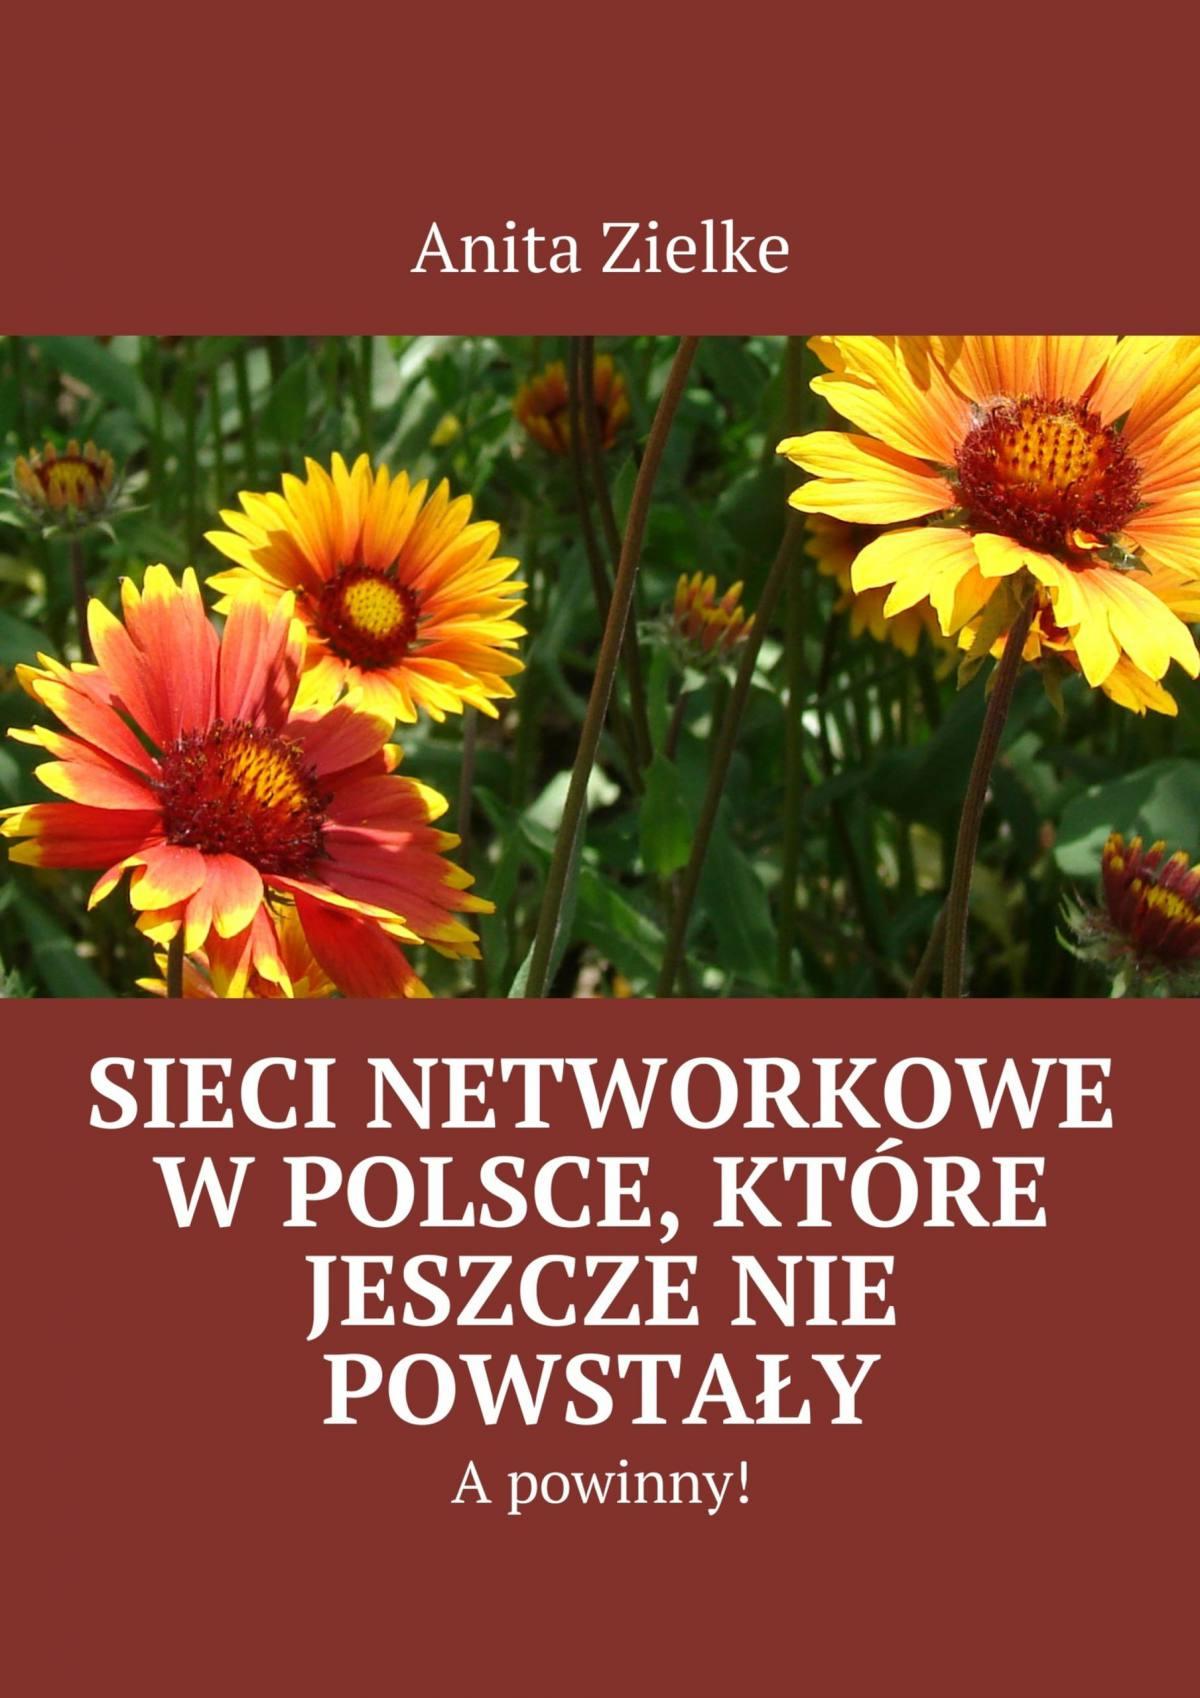 Sieci networkowe w Polsce, które jeszcze nie powstały, a powinny! - Ebook (Książka na Kindle) do pobrania w formacie MOBI